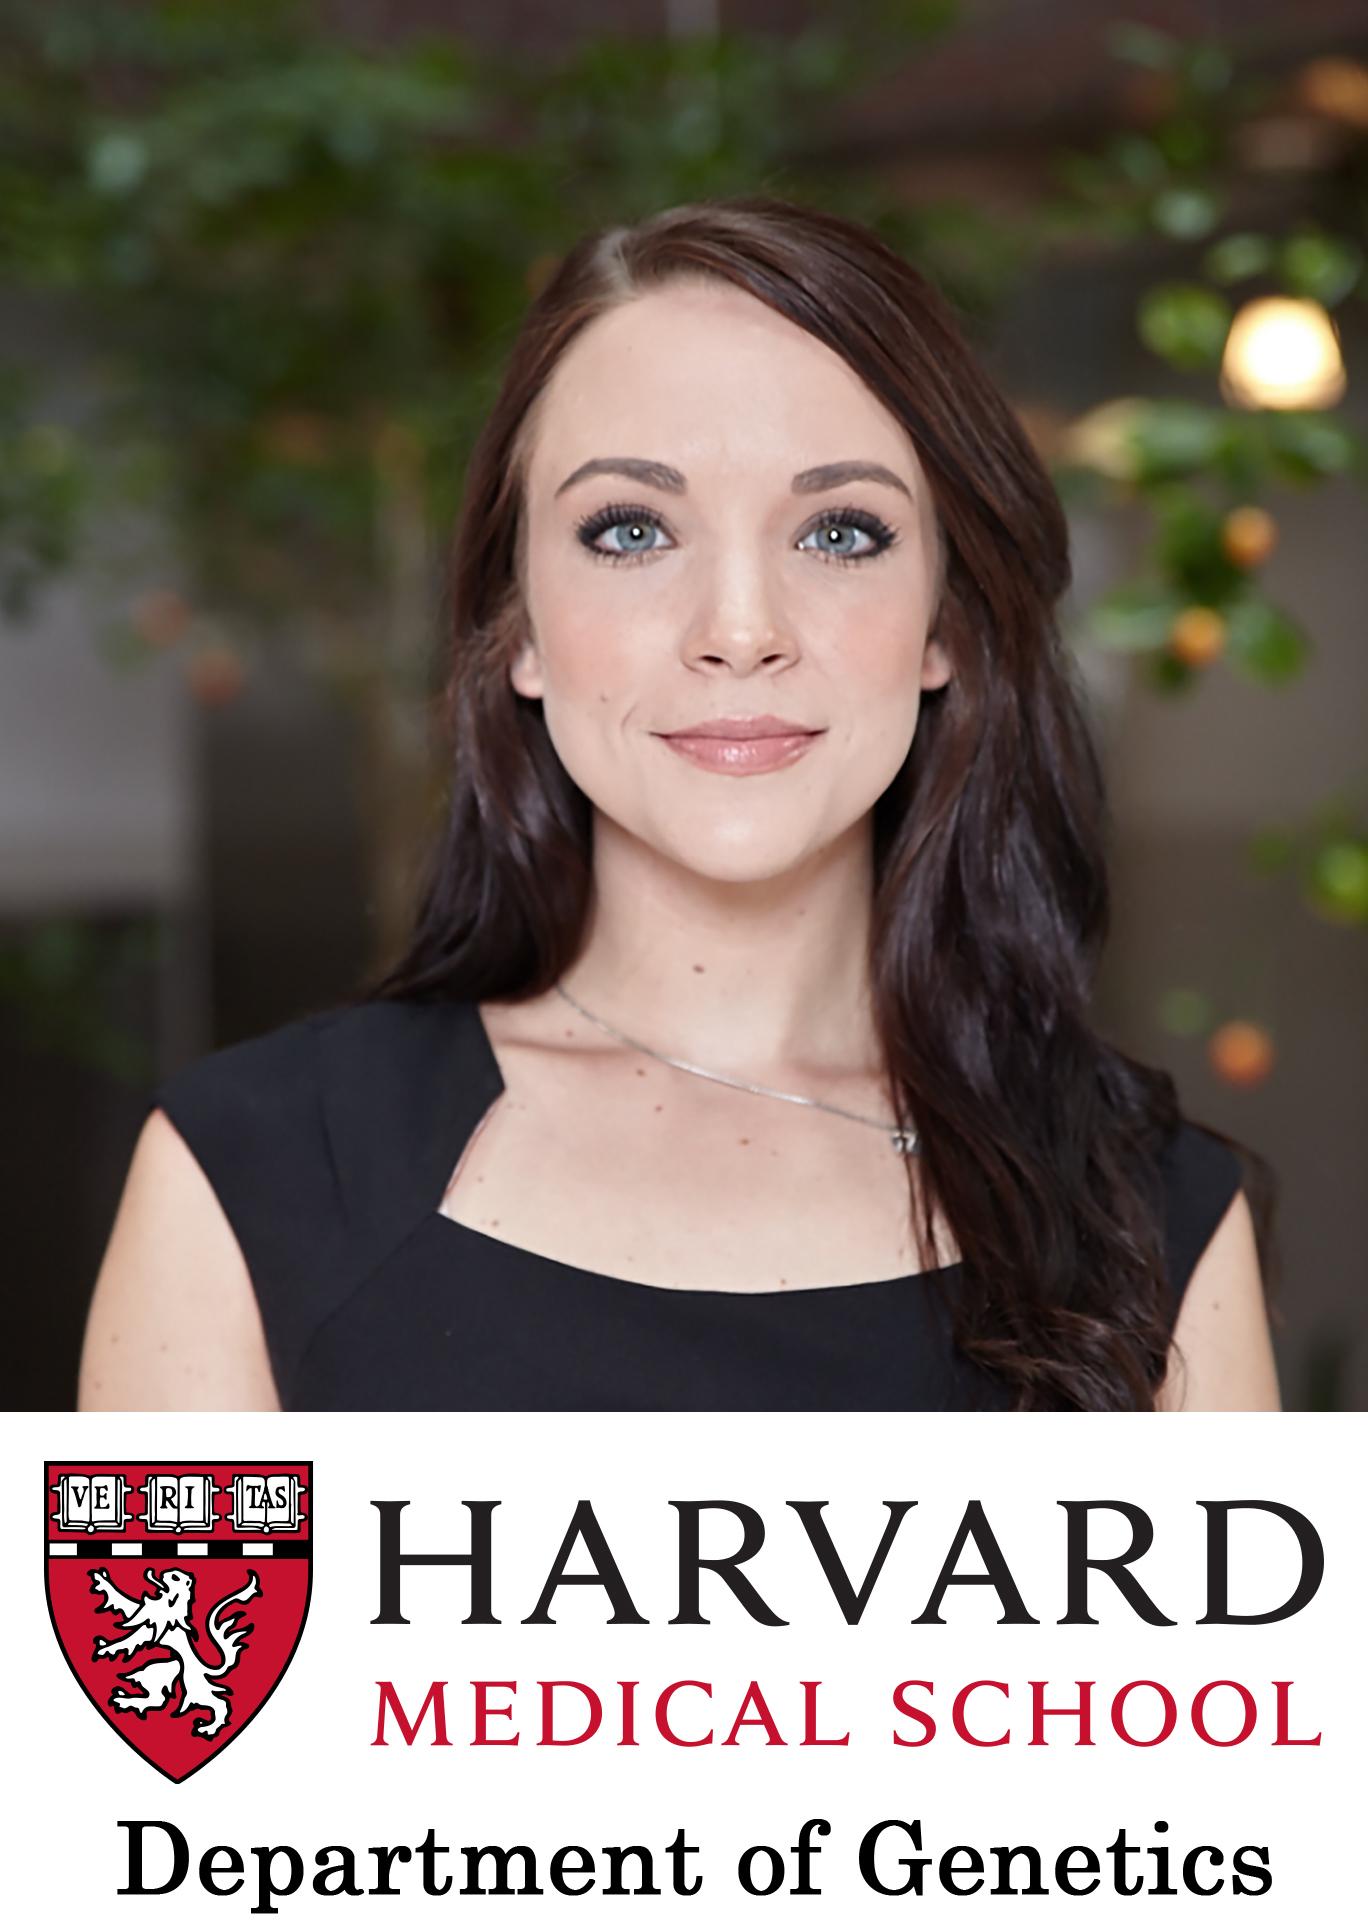 LLO_HarvardMedicalSchool.jpg